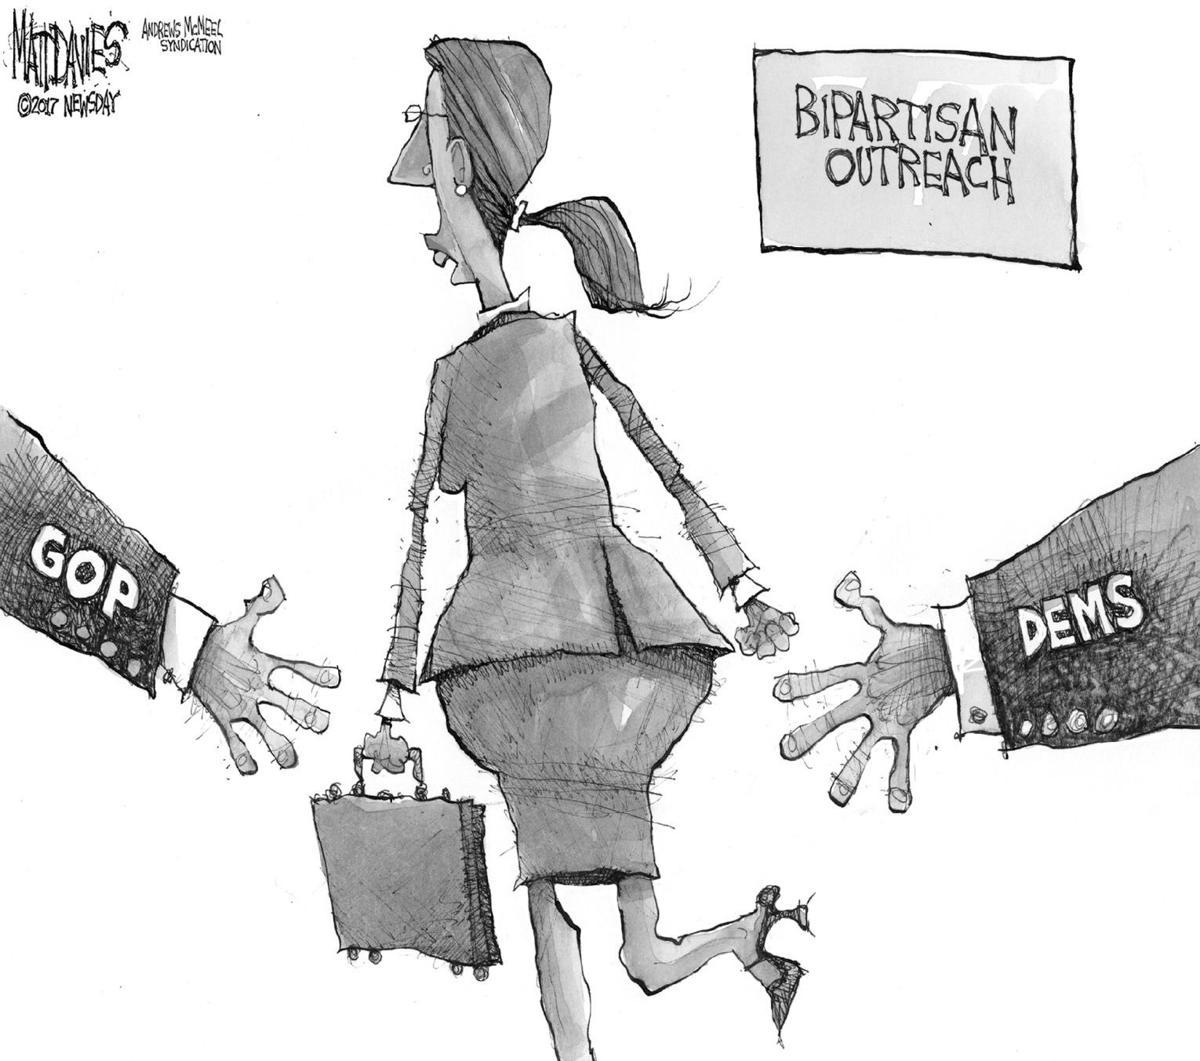 Bipartisan outreach